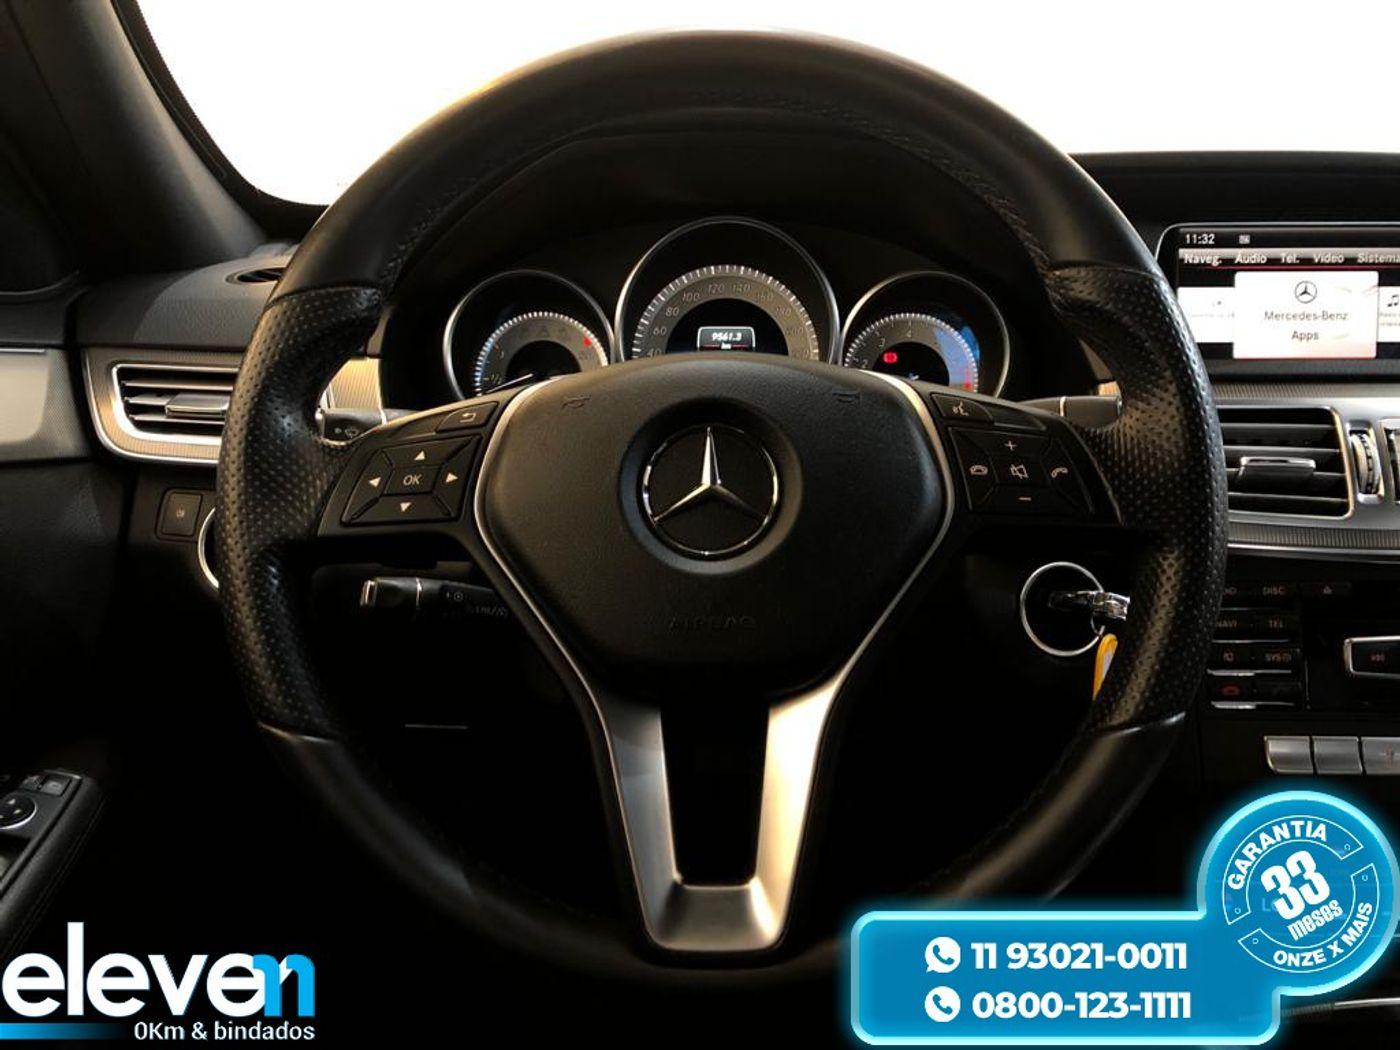 Mercedes E-250 CGI Avantgarde 2.0 TB 211cv Aut.